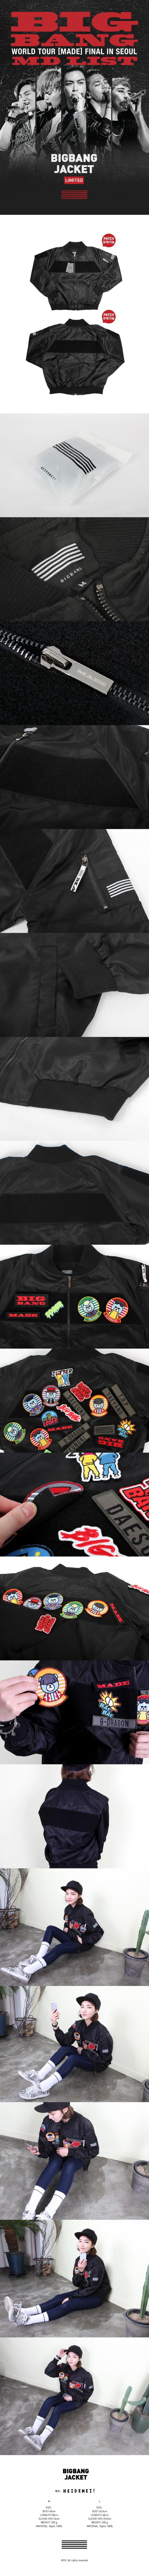 05_jacket_01